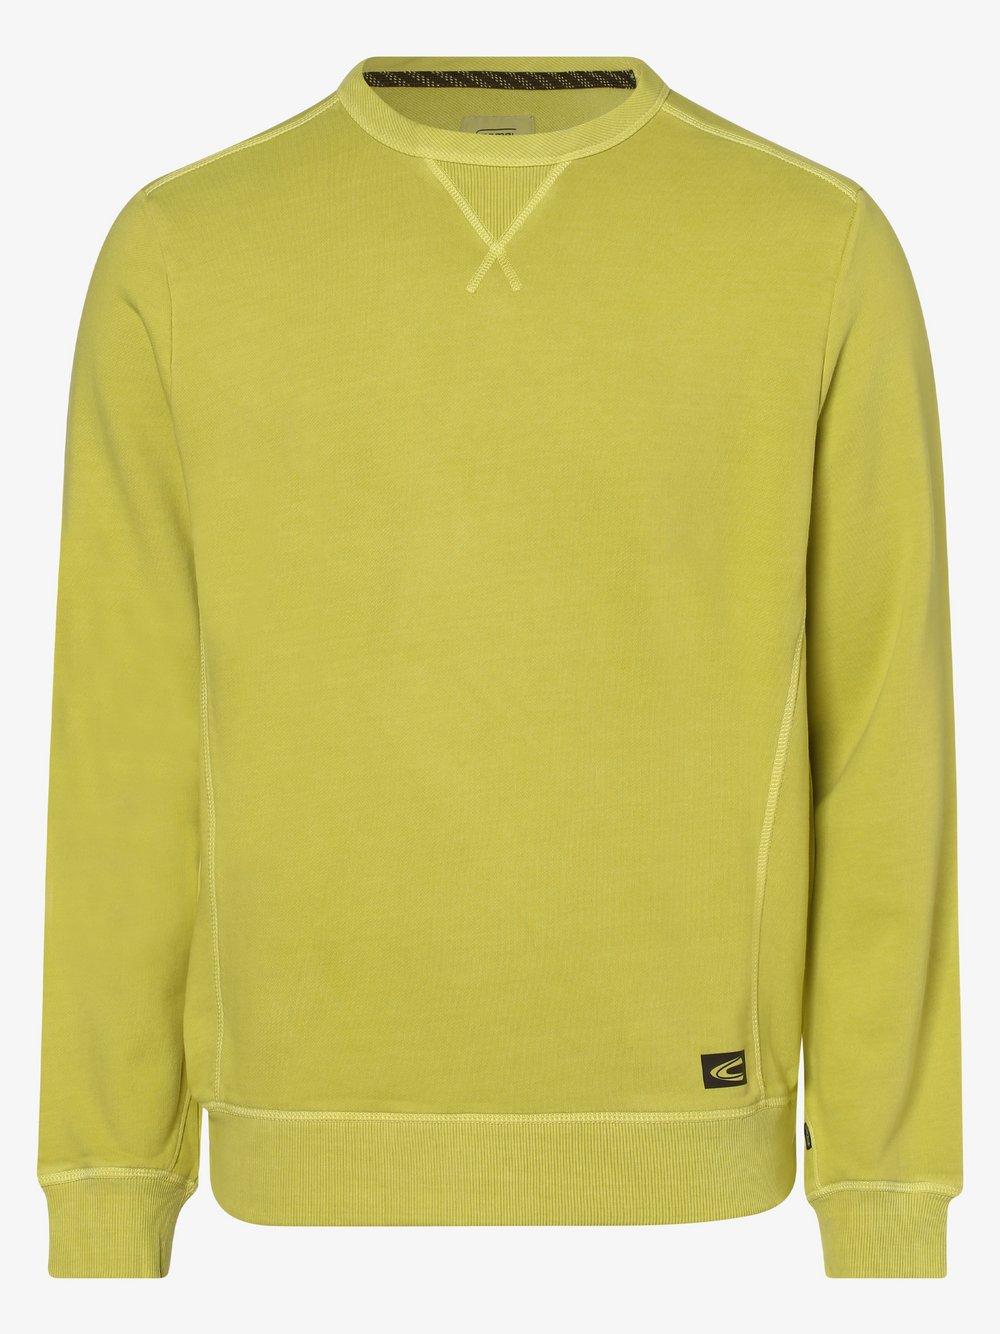 Camel Active - Męska bluza nierozpinana, zielony